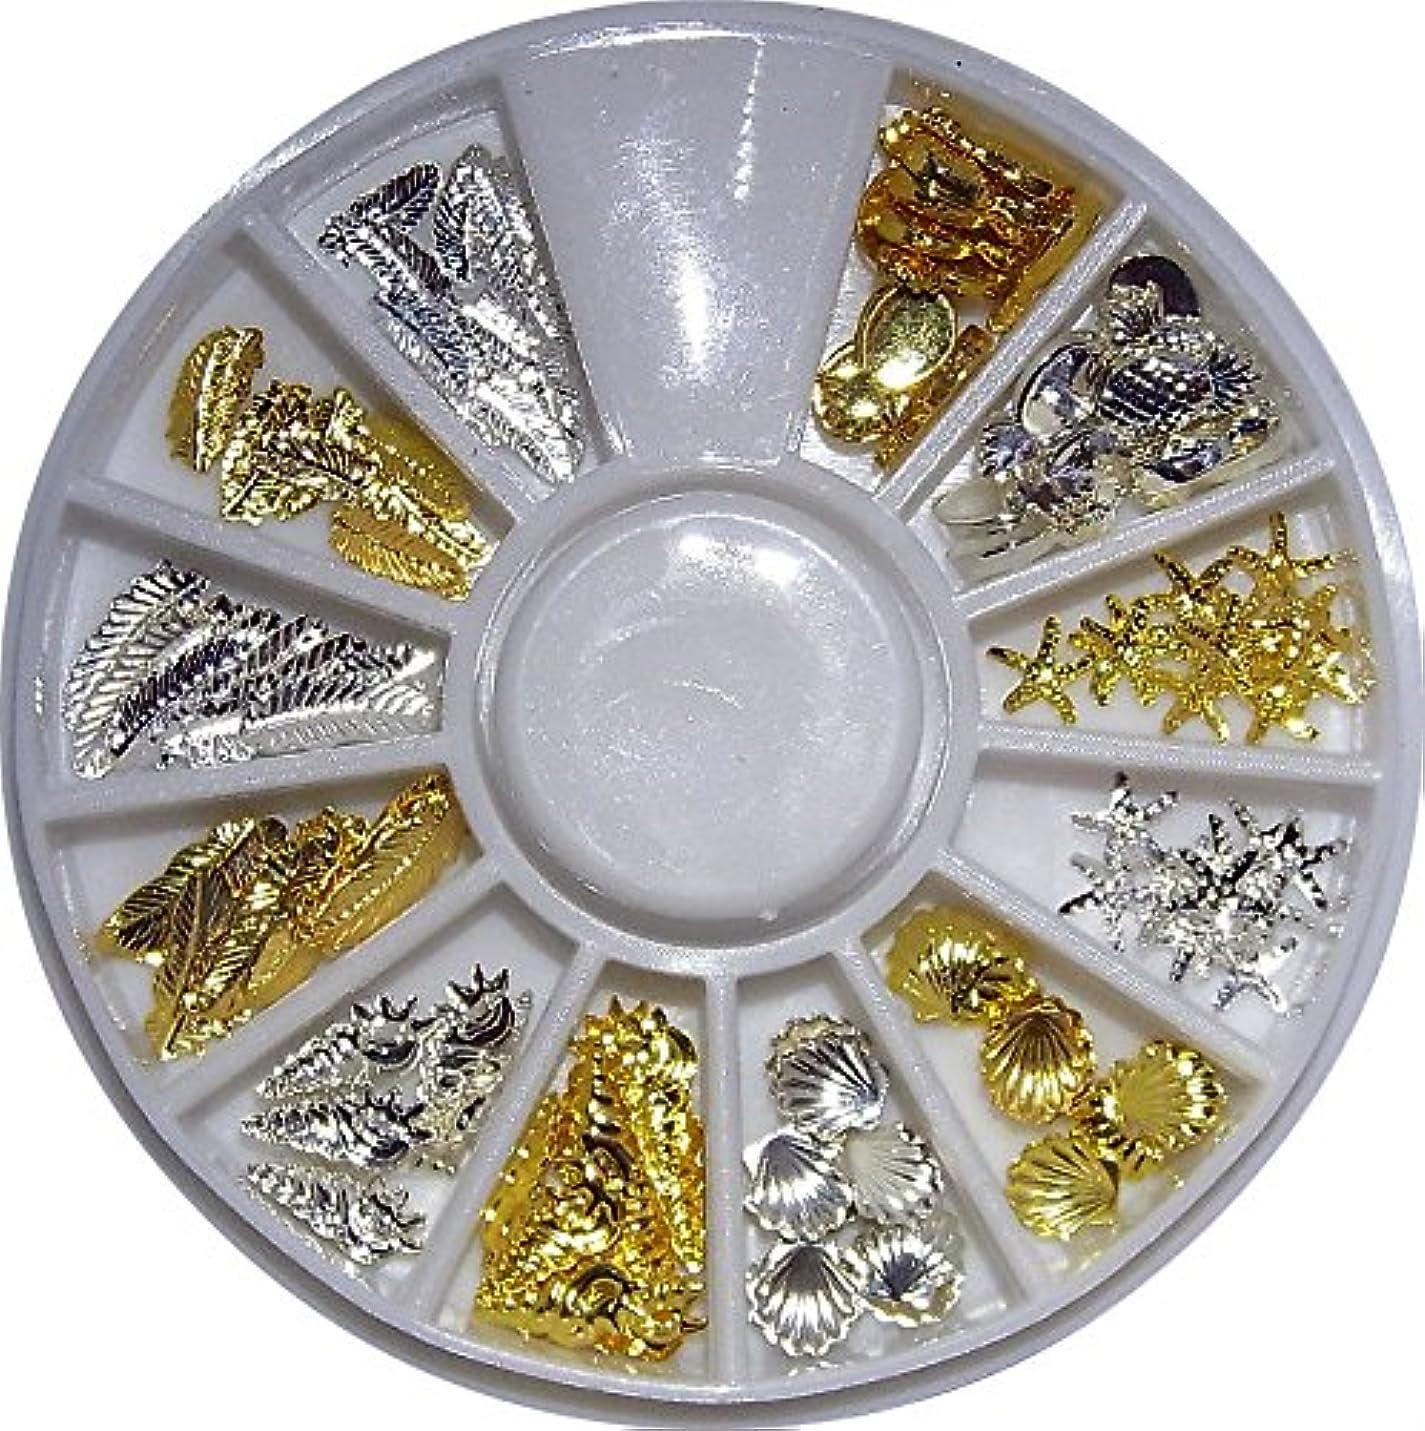 コンデンサー比率不健康【jewel】hk9 マリンパーツ ゴールド&シルバー サマーネイル レジン用メタルパーツ 各種10個入り